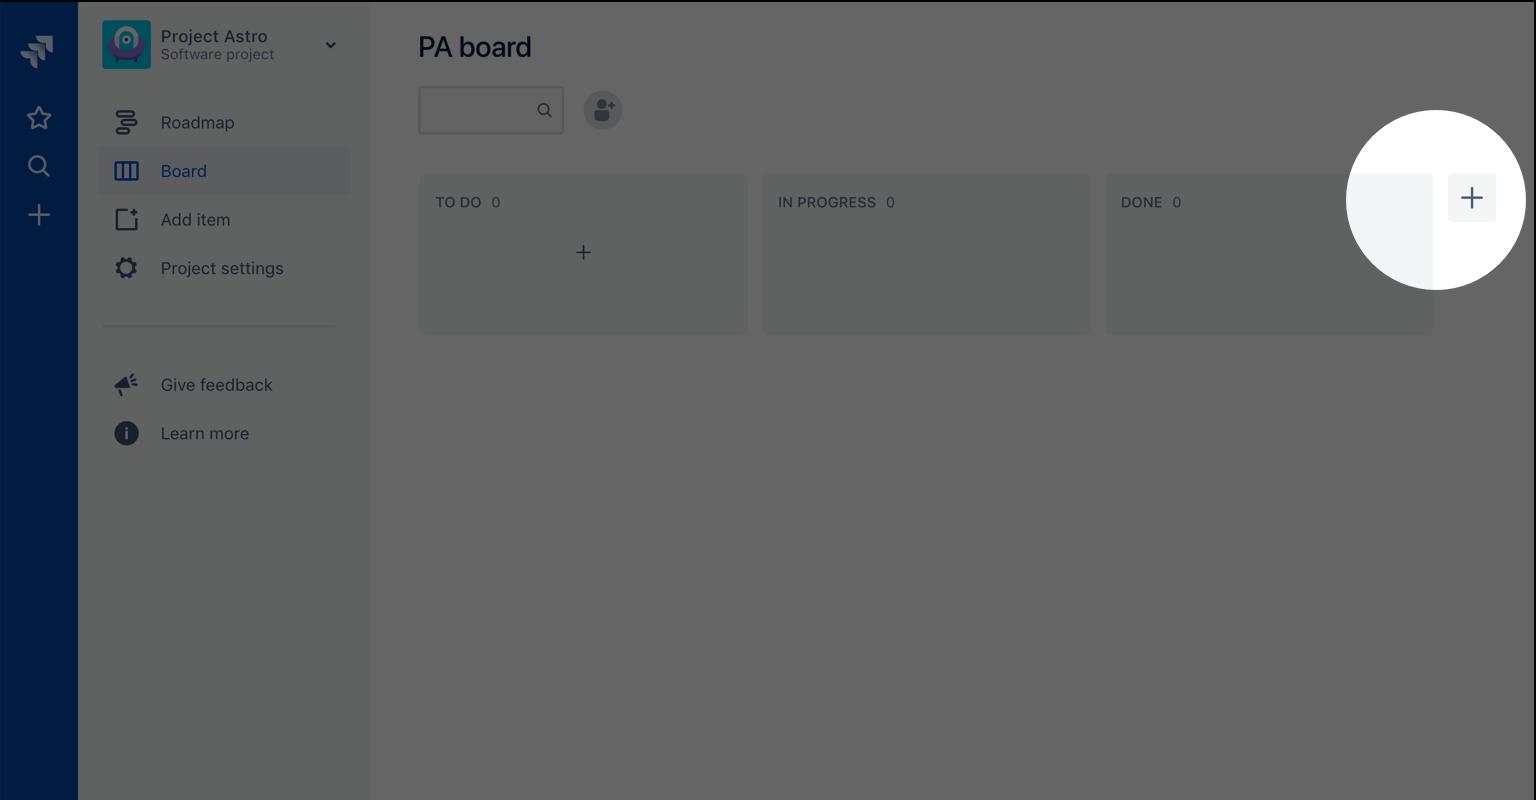 突出显示新增列按钮的屏幕截图